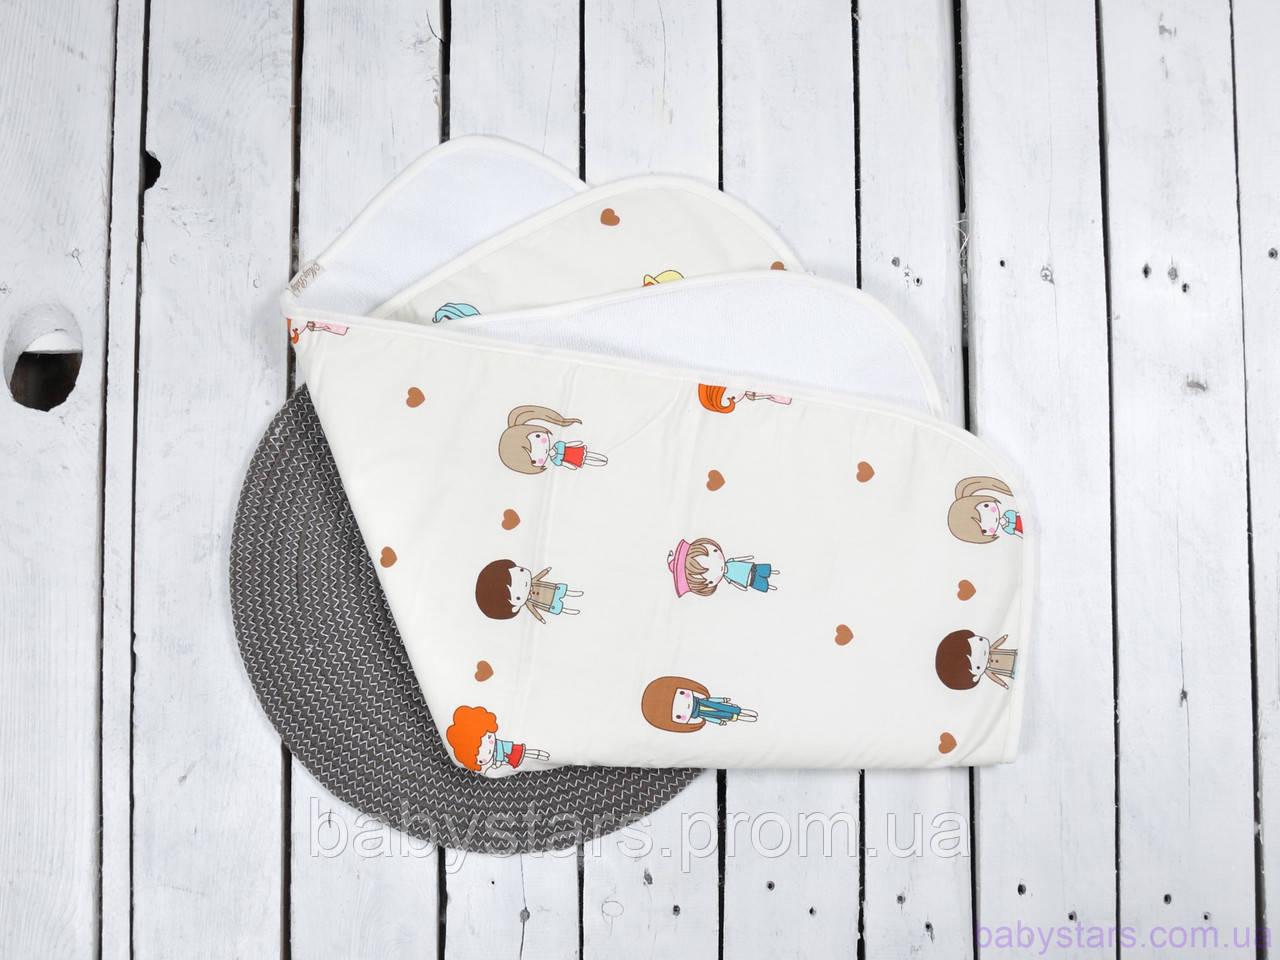 Непромокальні пелюшки, багаторазові для дітей (розмір 60*80 см), Дівчинки